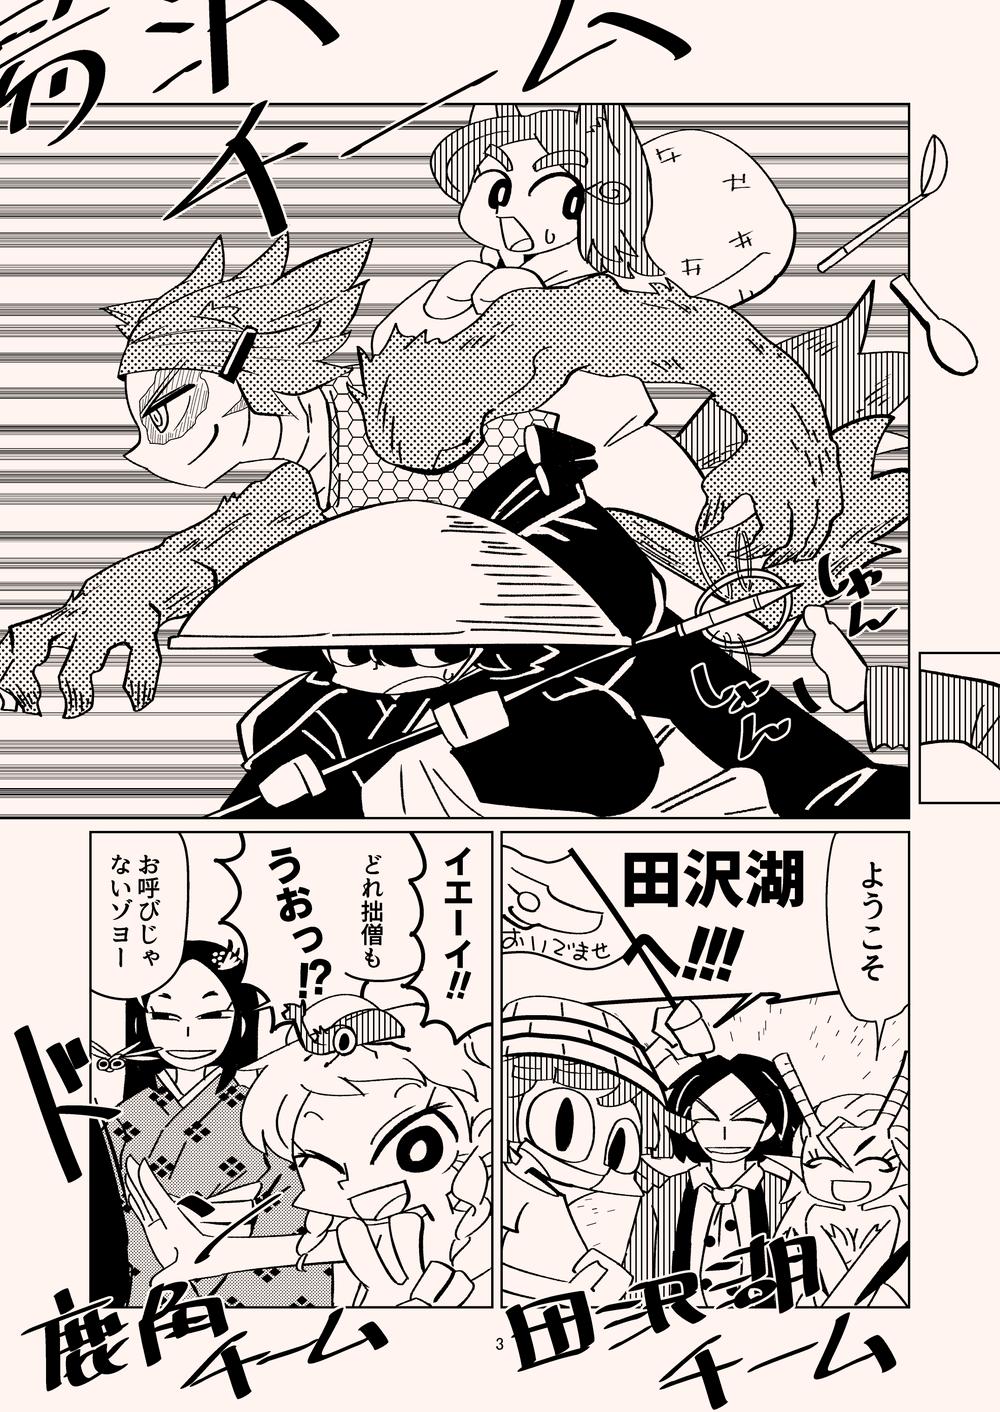 神セカトーン&カラー設定集_003